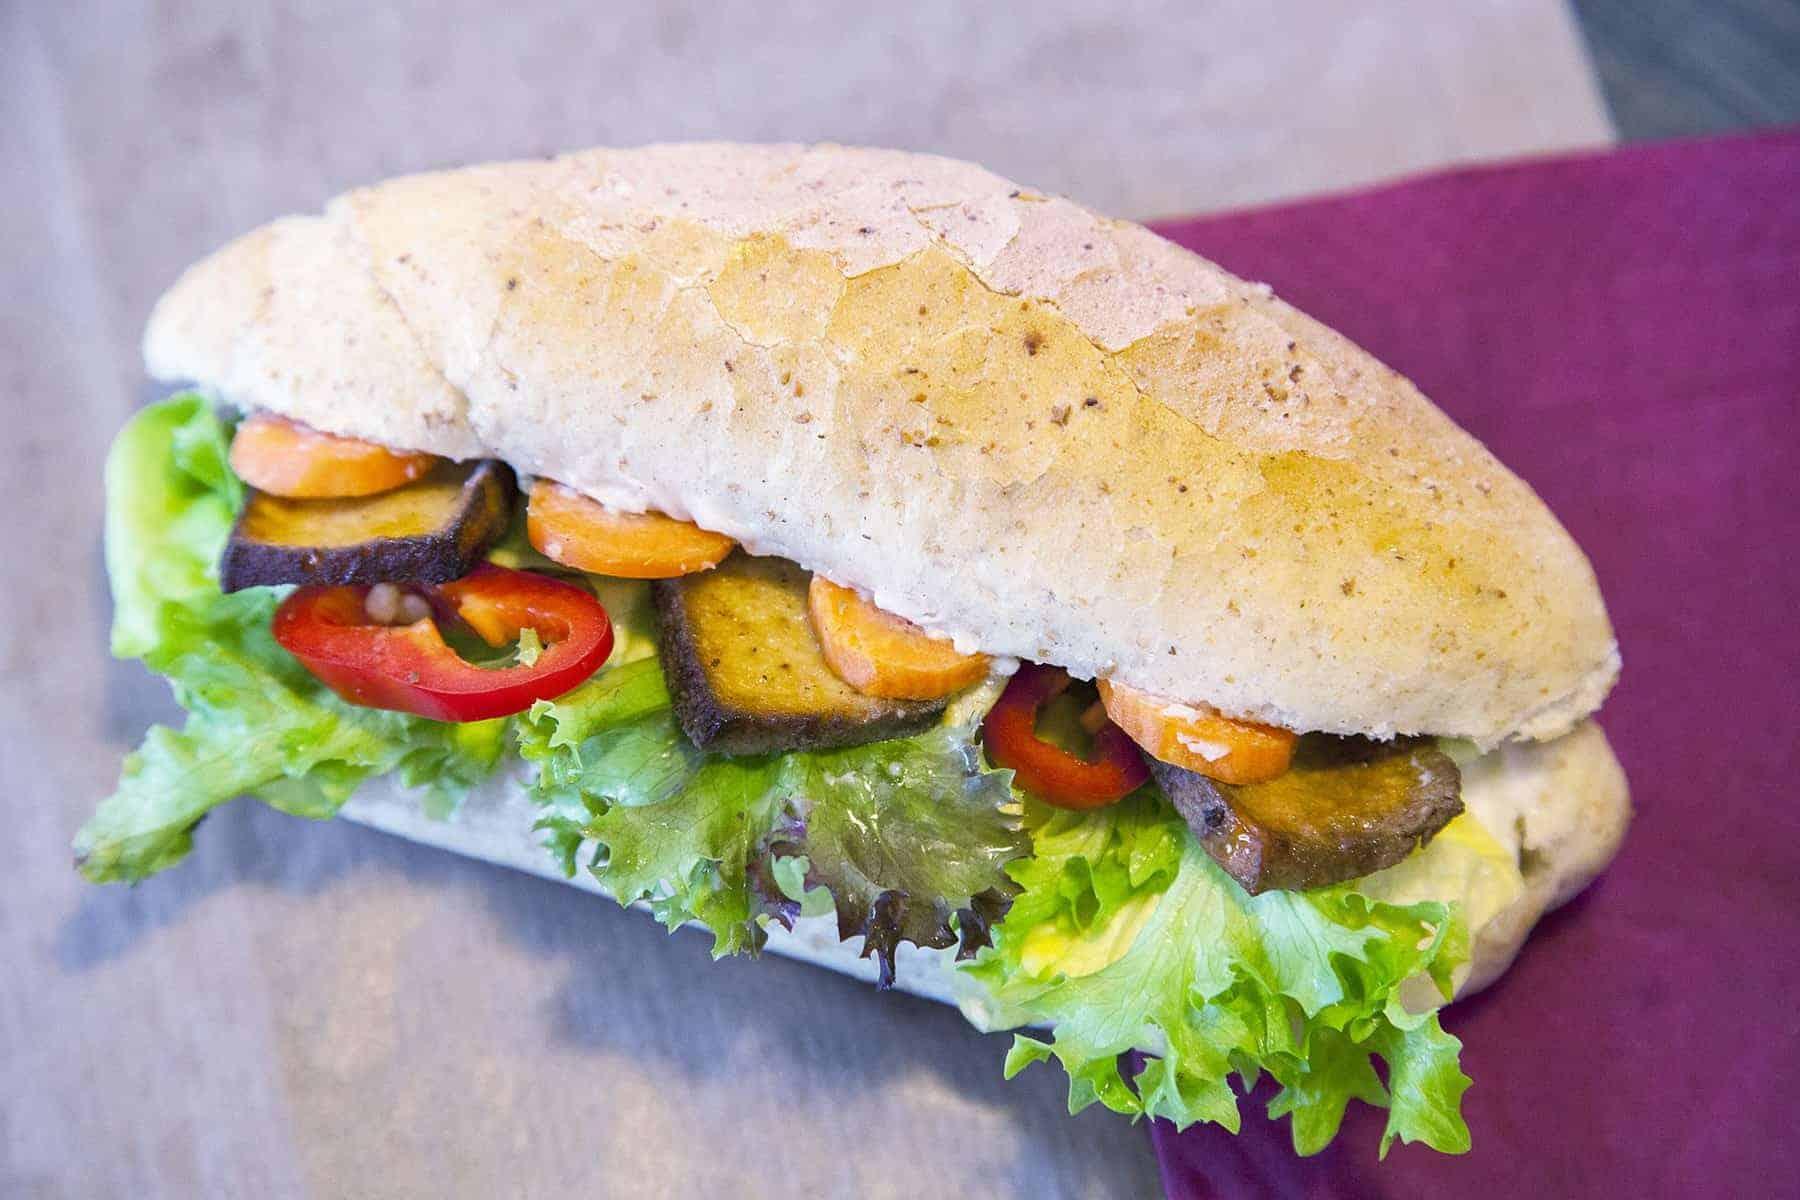 vegan-tofus-szendvics-napfenyes-cukraszat